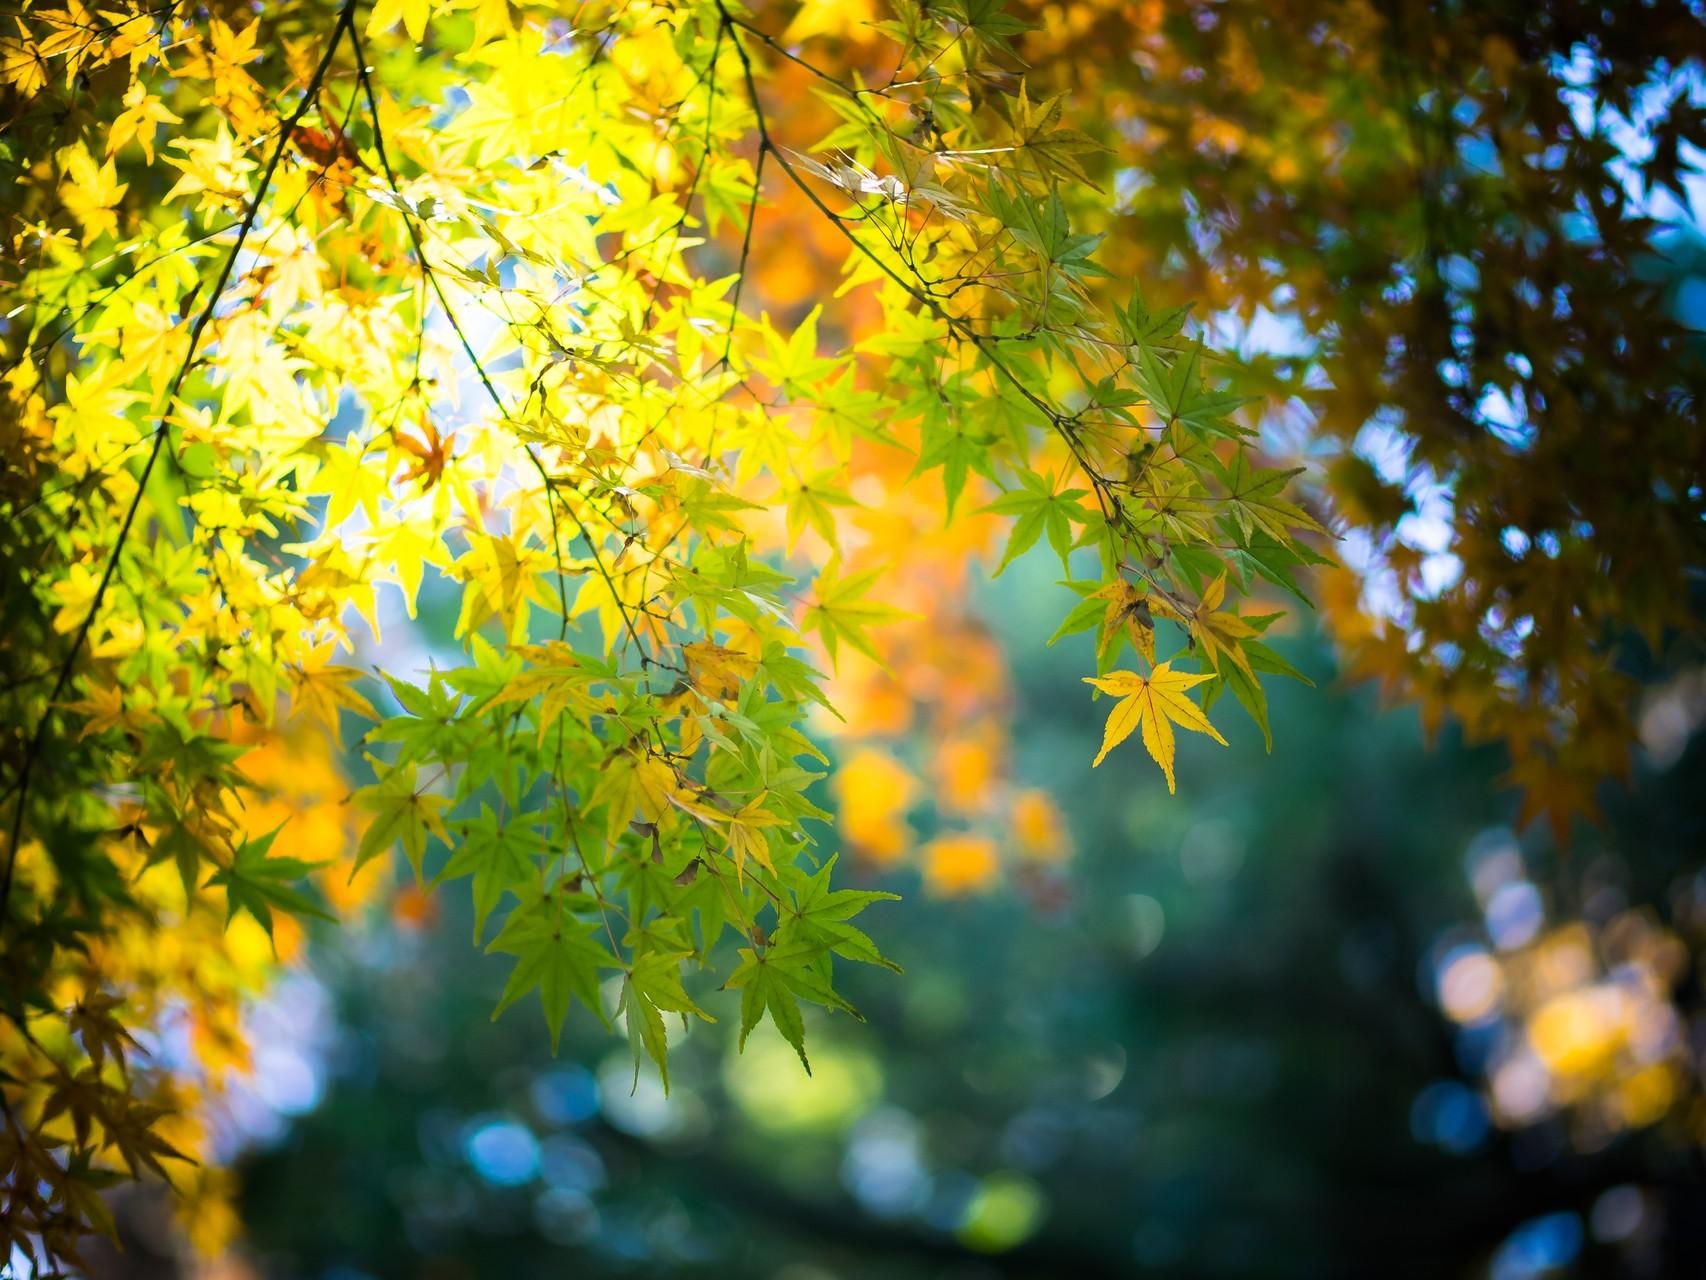 Солнце листья желтые очень красивые фото